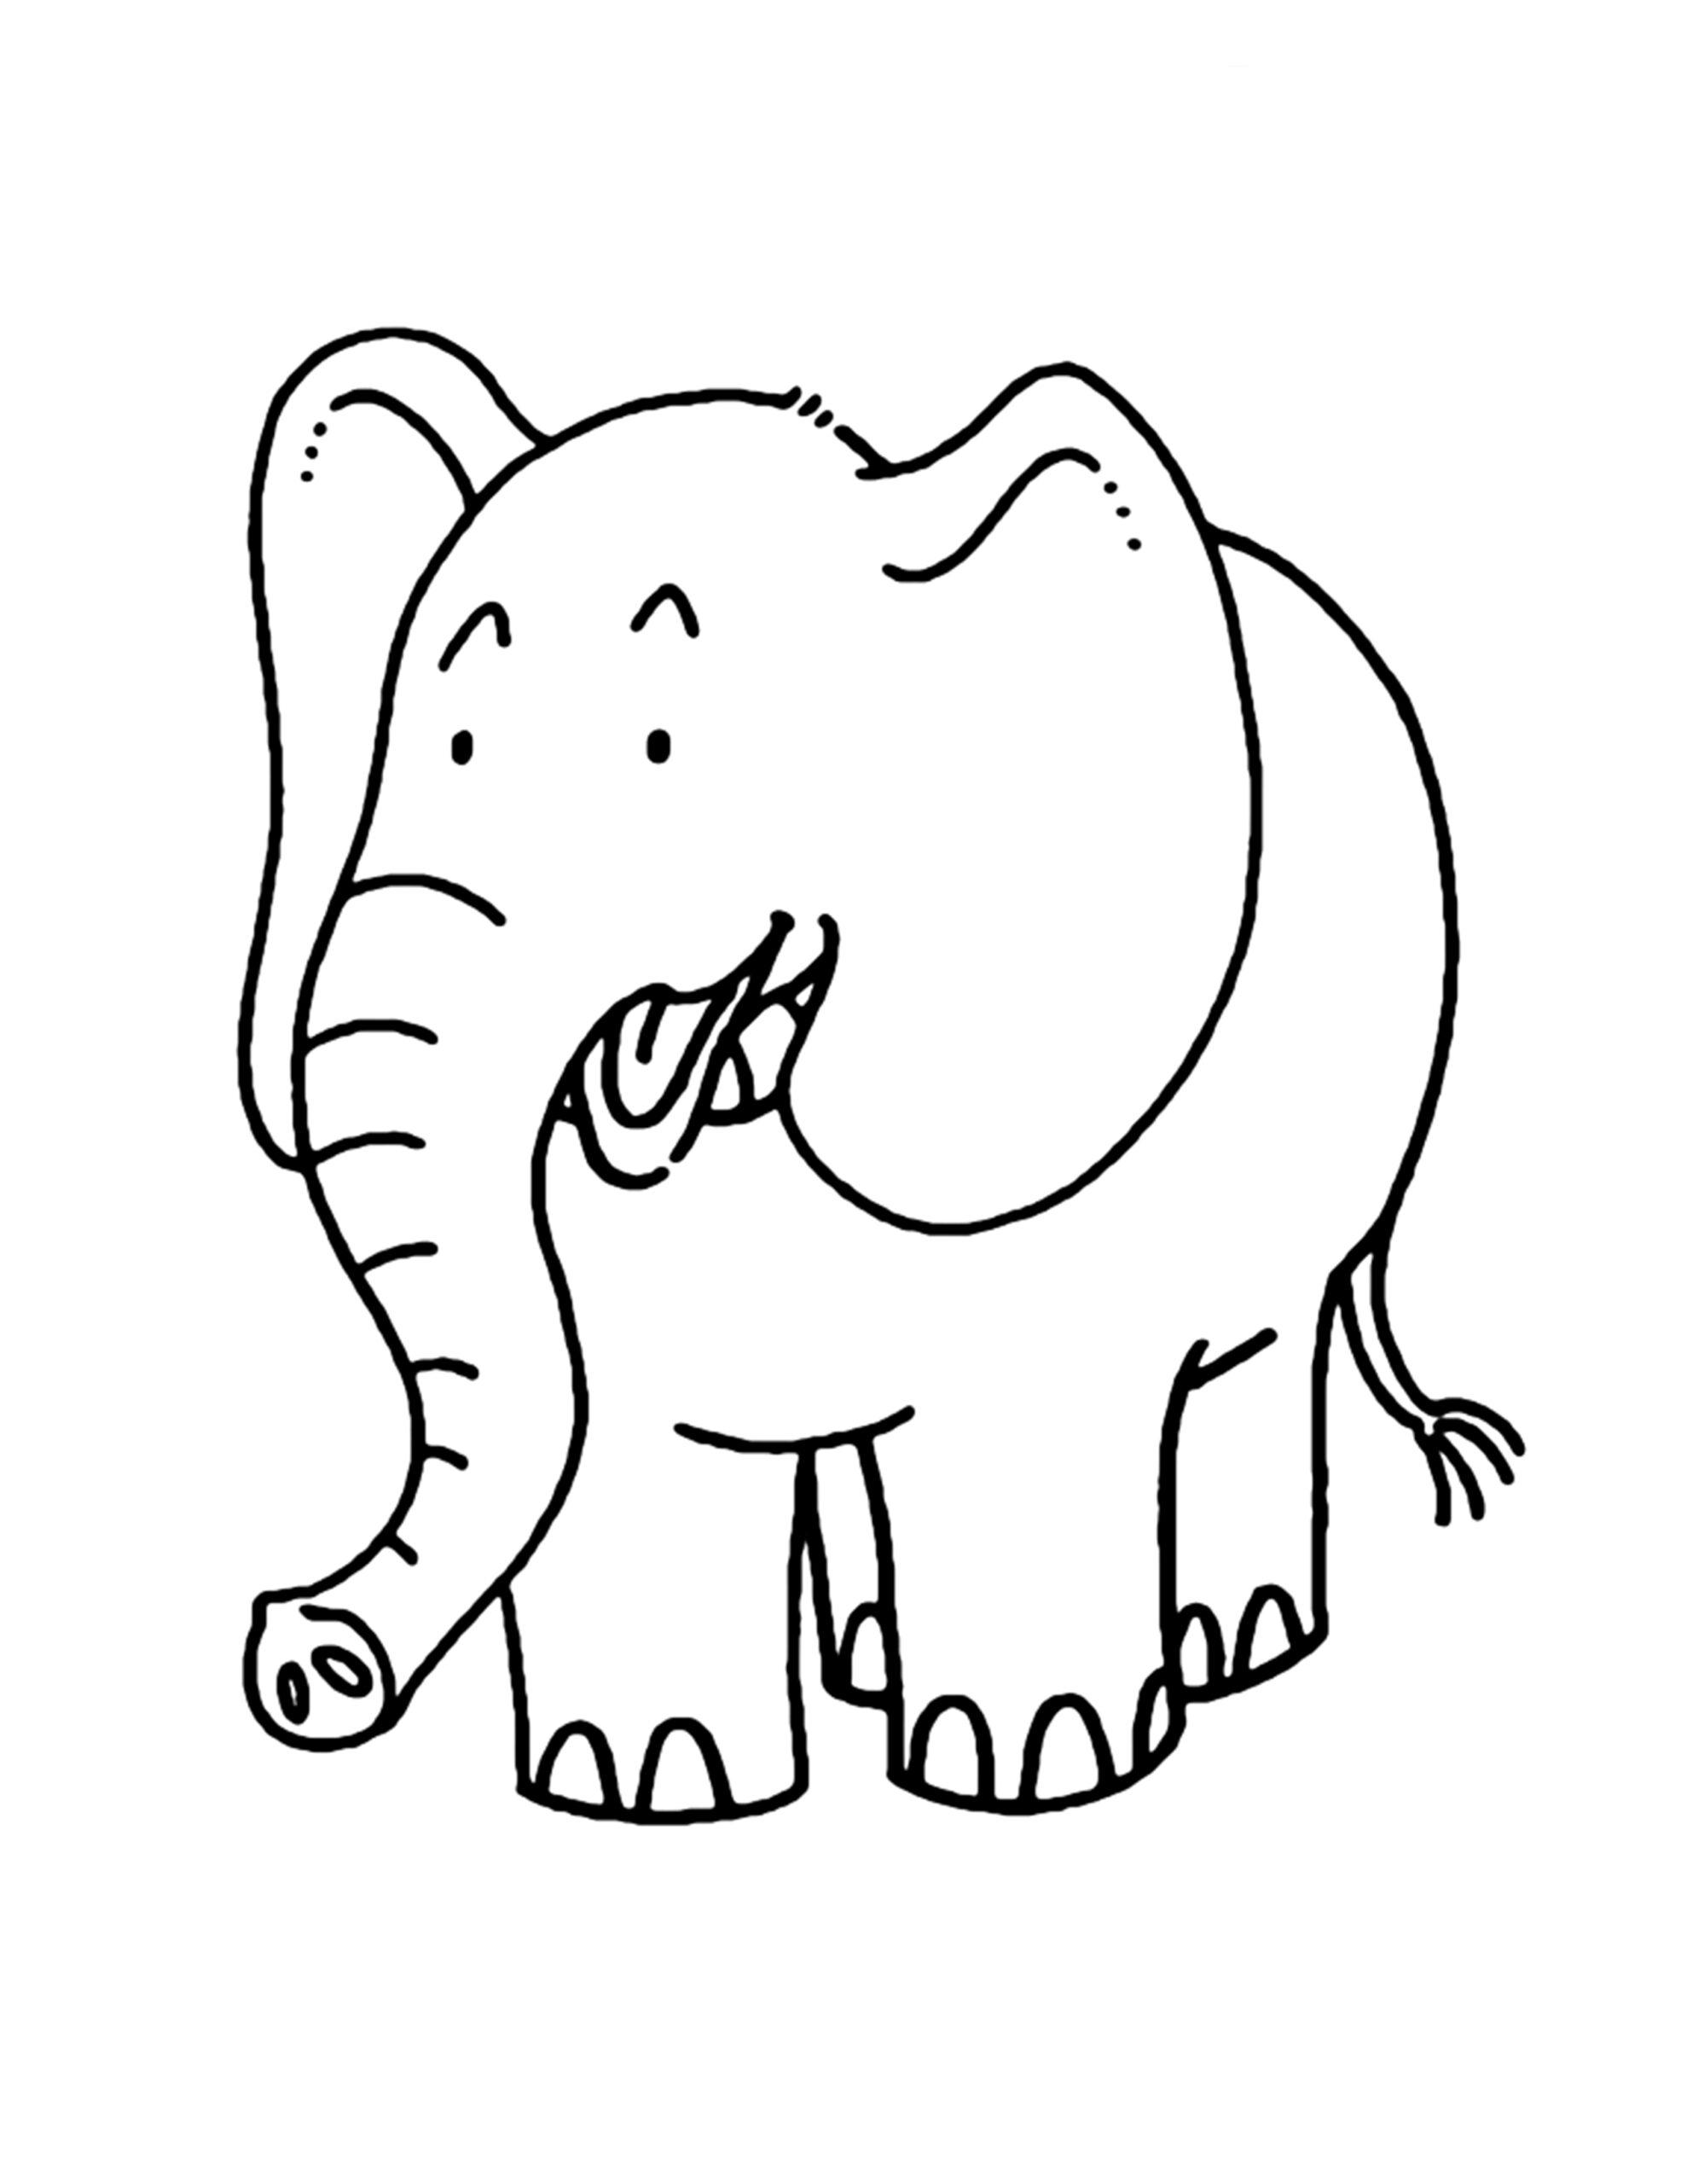 gratis kleurplaat van olifanten